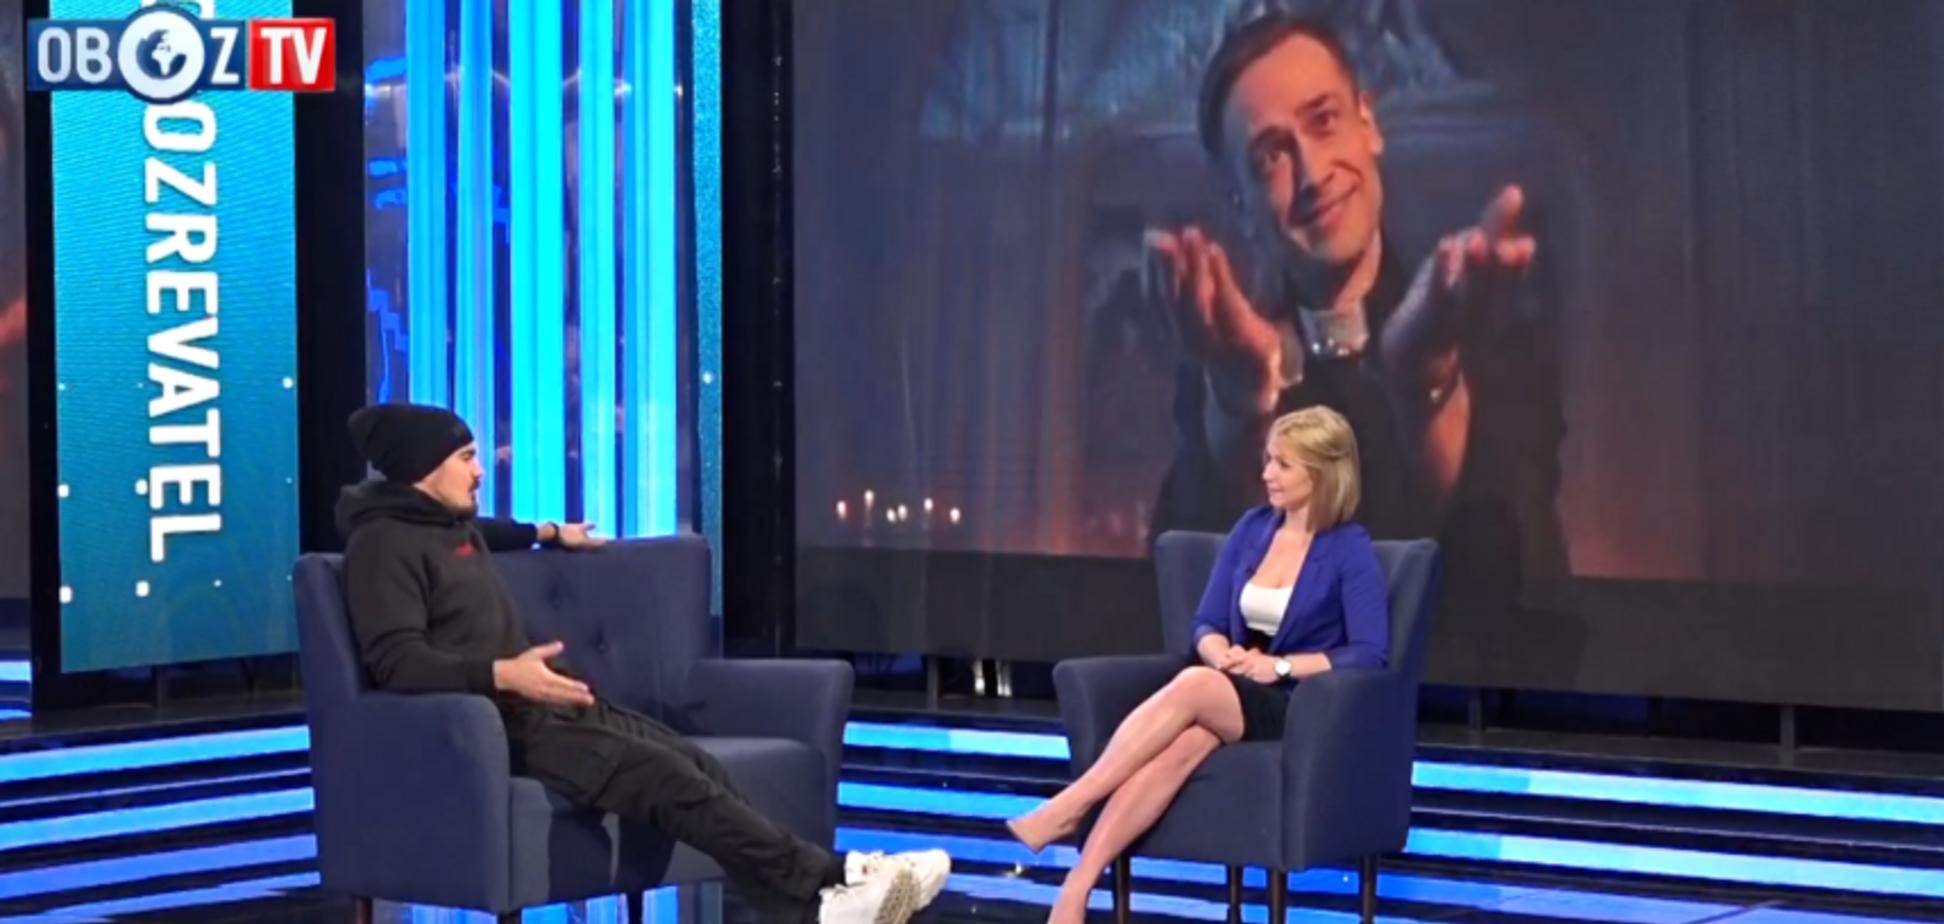 ''Упала планка'': стало известно, кого ТНМК изобразил в новом скандальном клипе